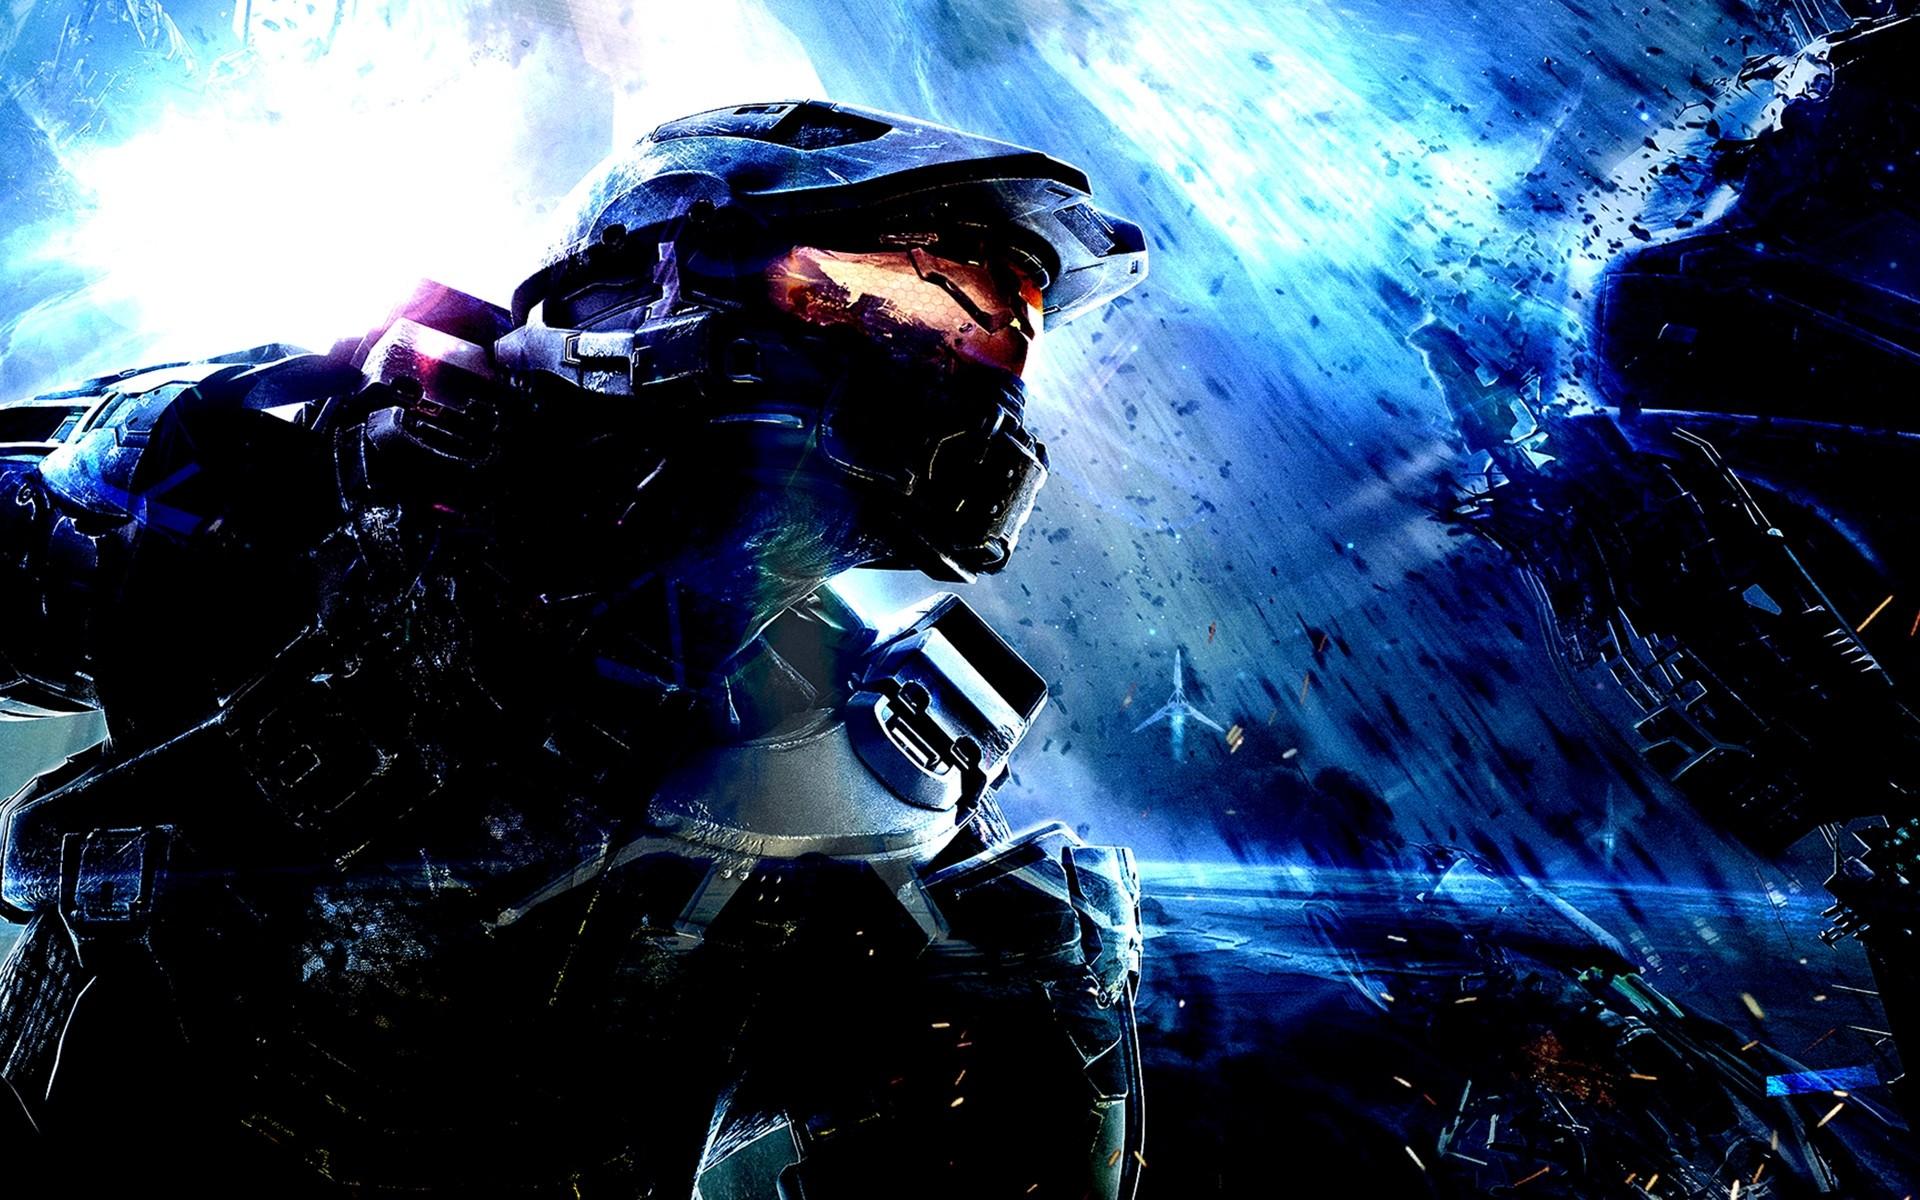 Halo 5 Download for Desktop